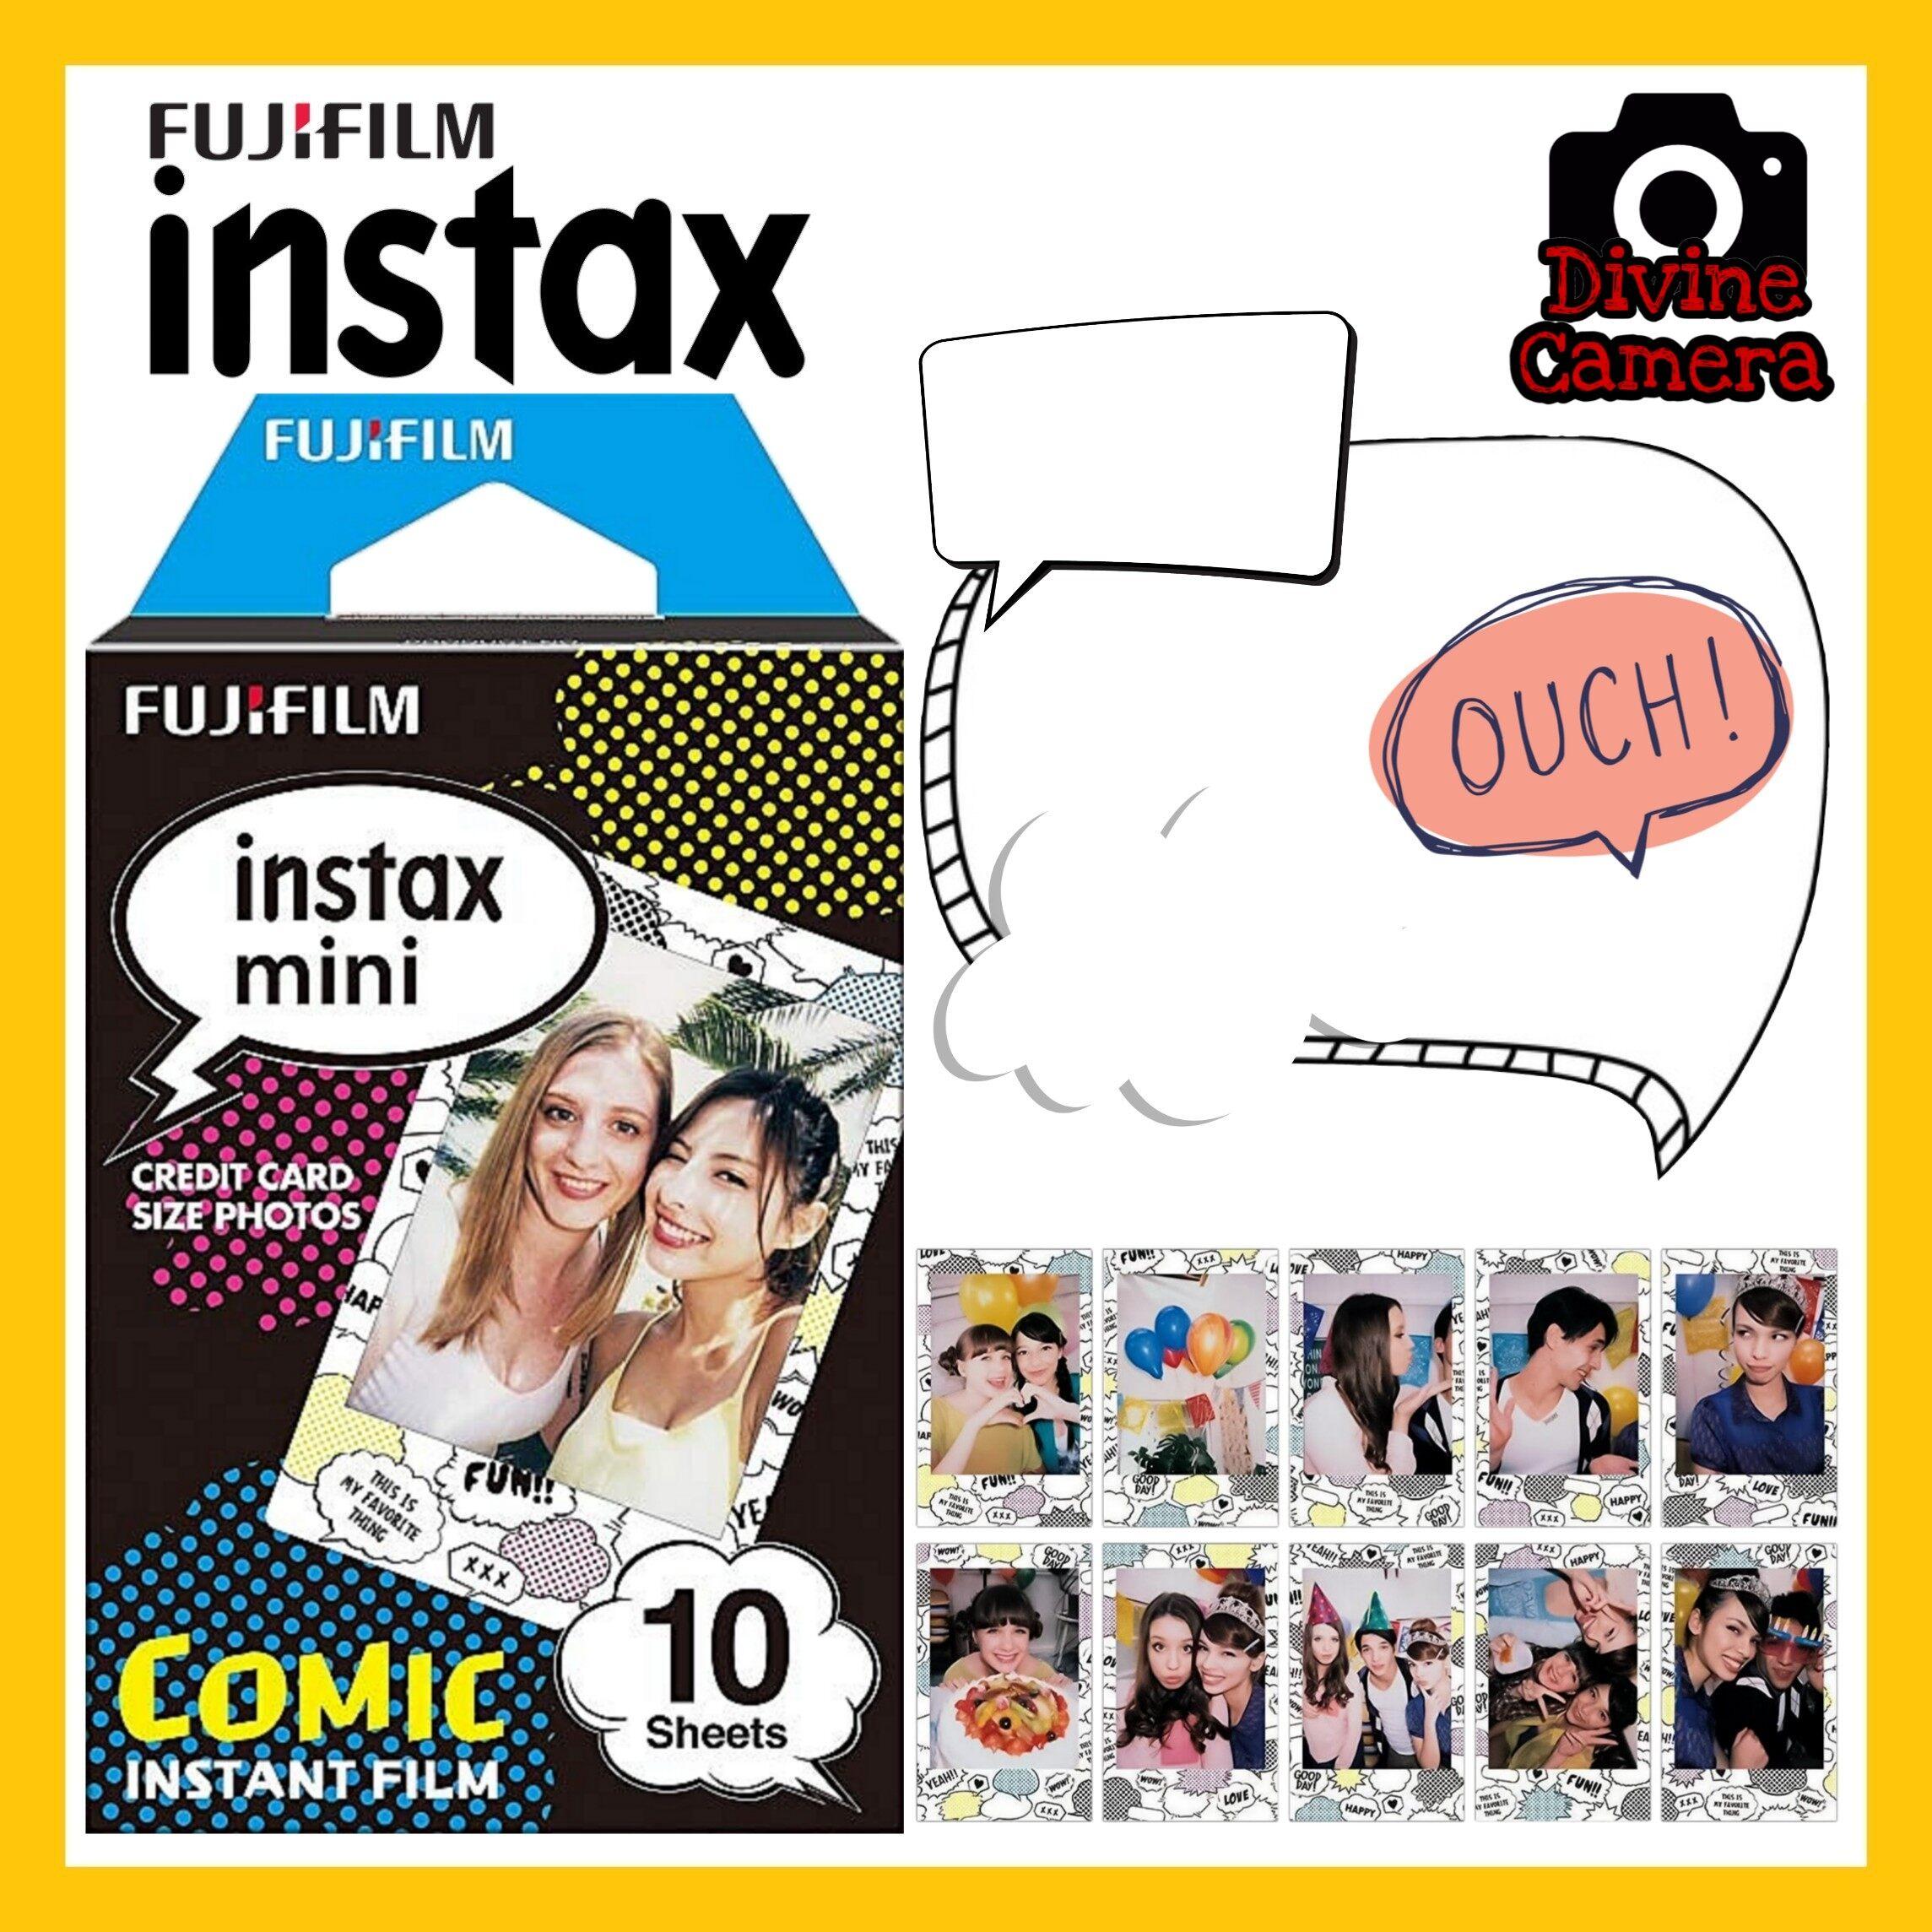 FUJIFILM INSTAX Mini Comic Instant Film (10 Sheets)